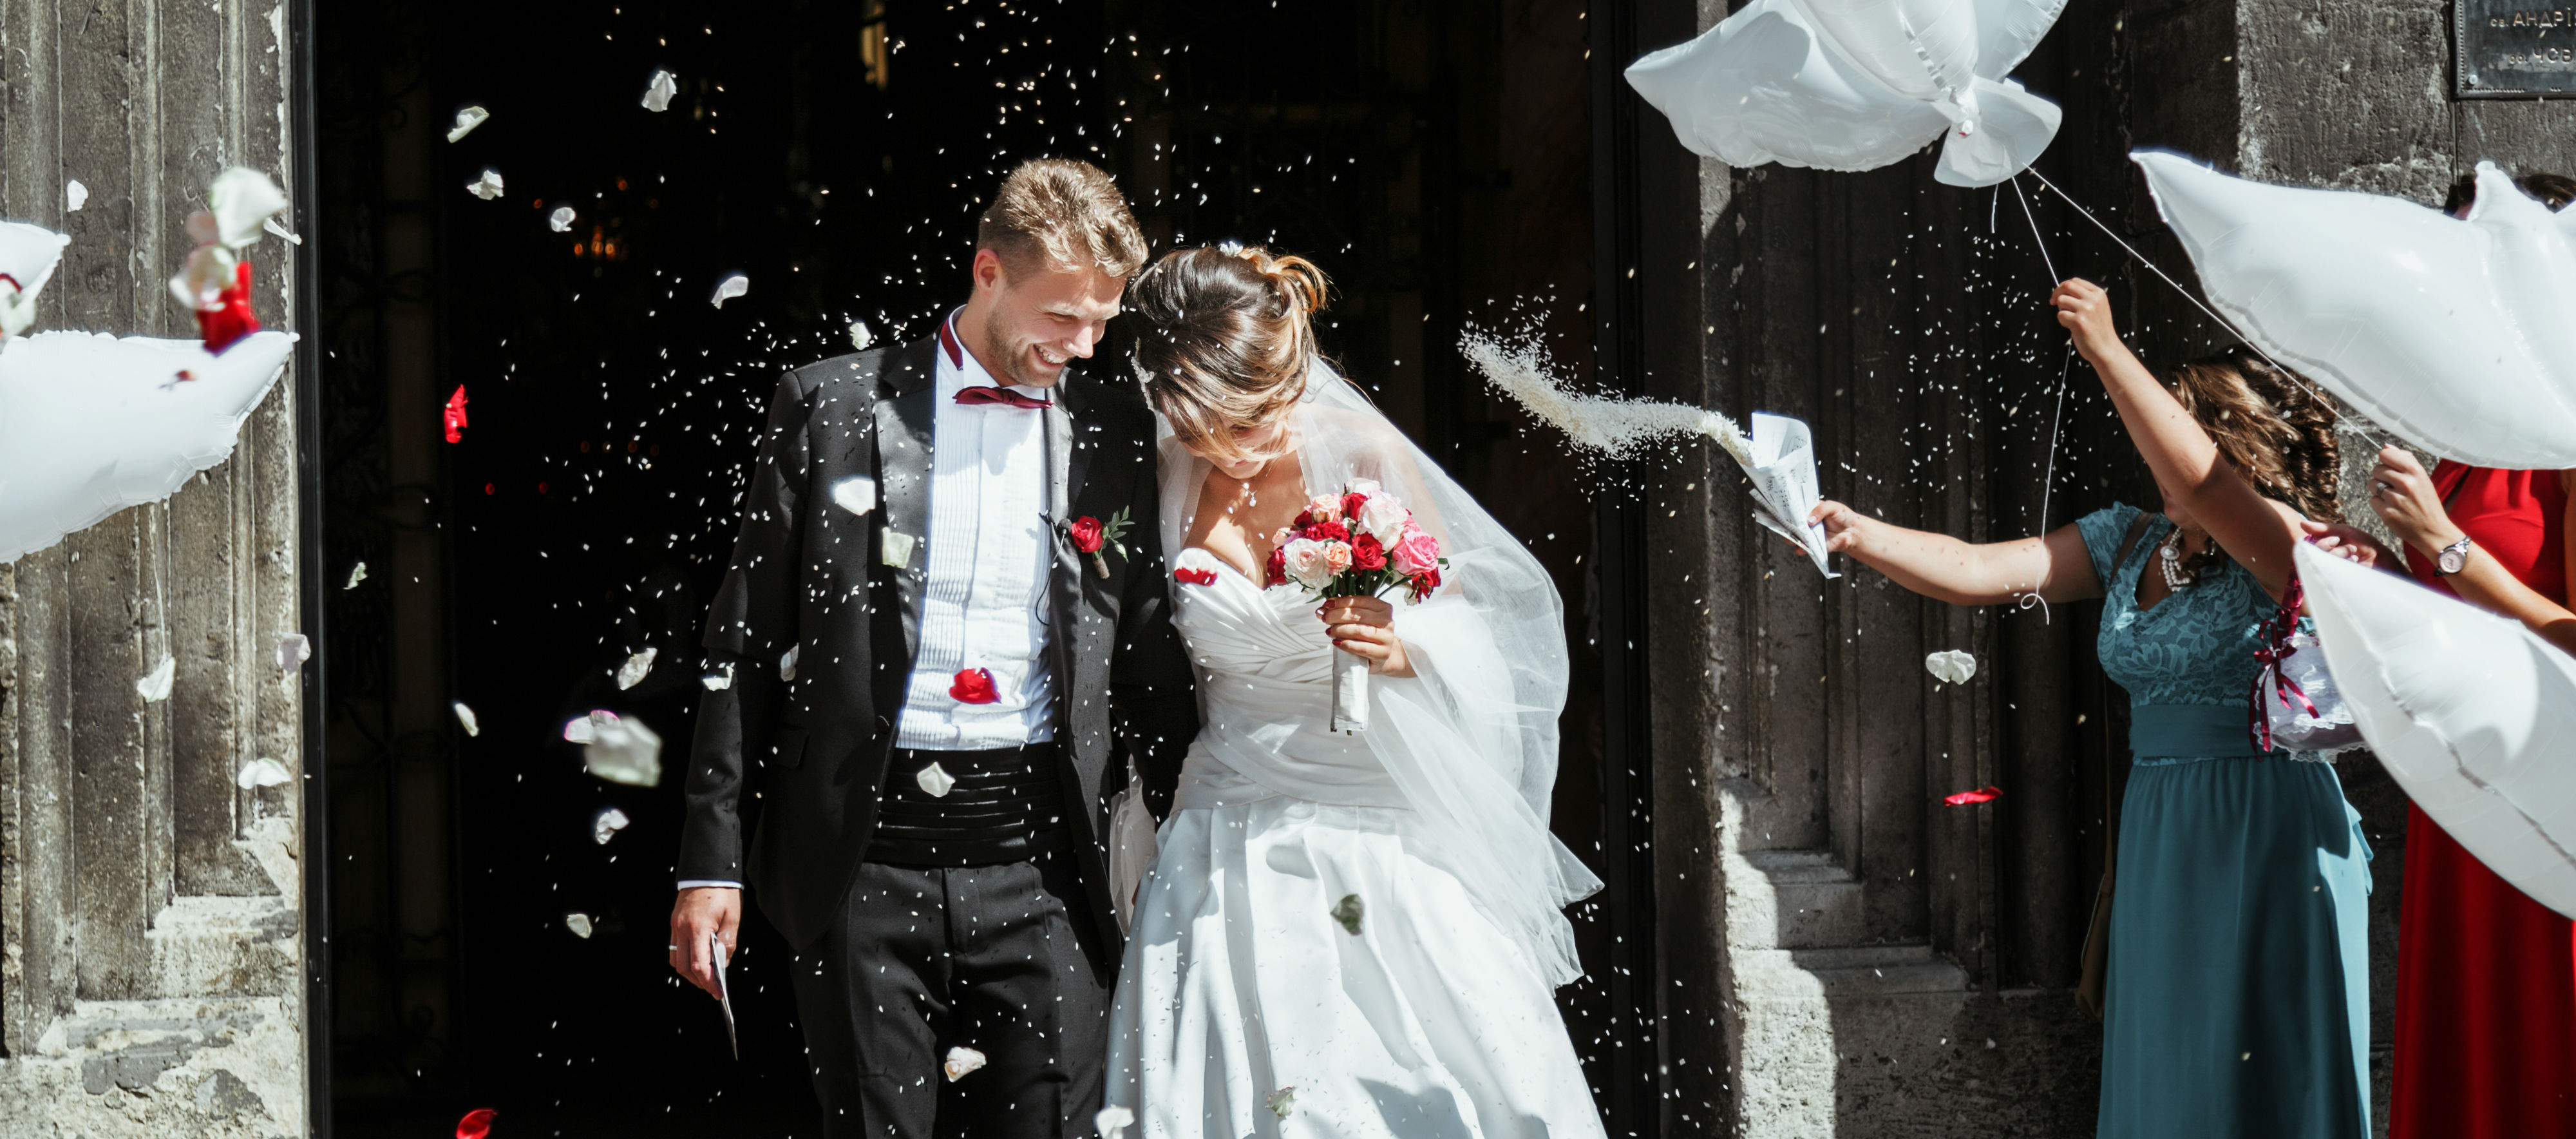 Wie Viel Kostet Eine Hochzeit Kostenubersicht Mit Beispielen